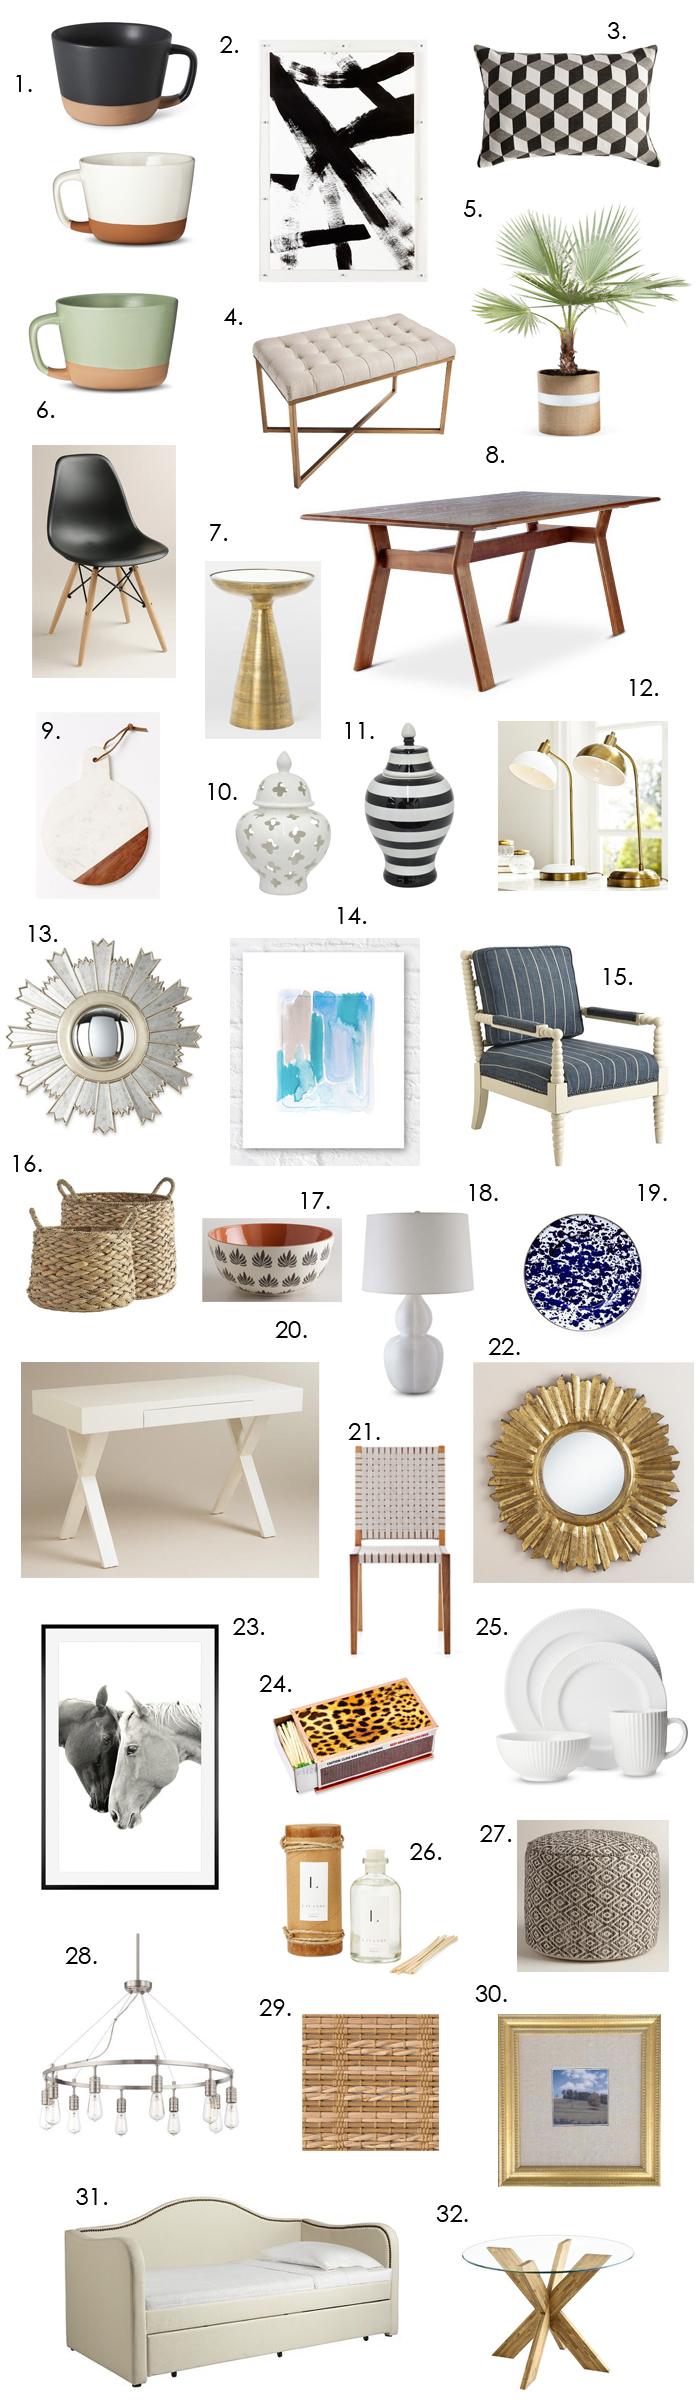 livingroom-7-240x240.jpg